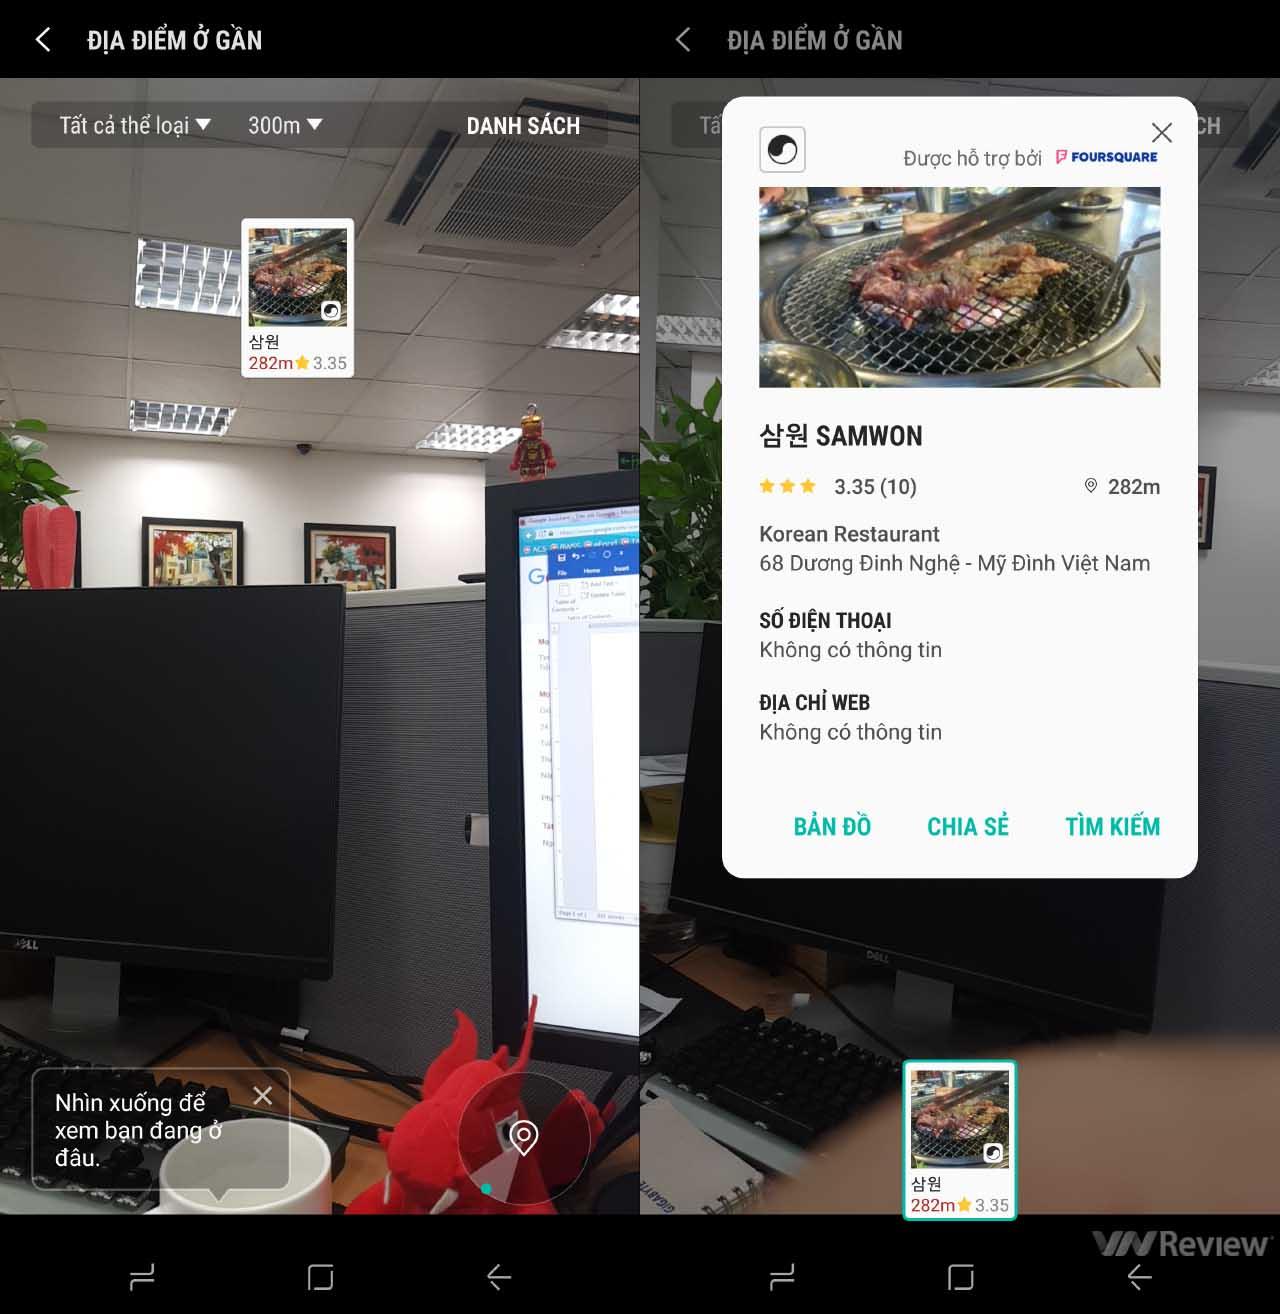 DOANH NHÂN Galaxy S8 và S8+ : về 20c giá nhập RẺ QUYẾN RŨ khách !!! - 43